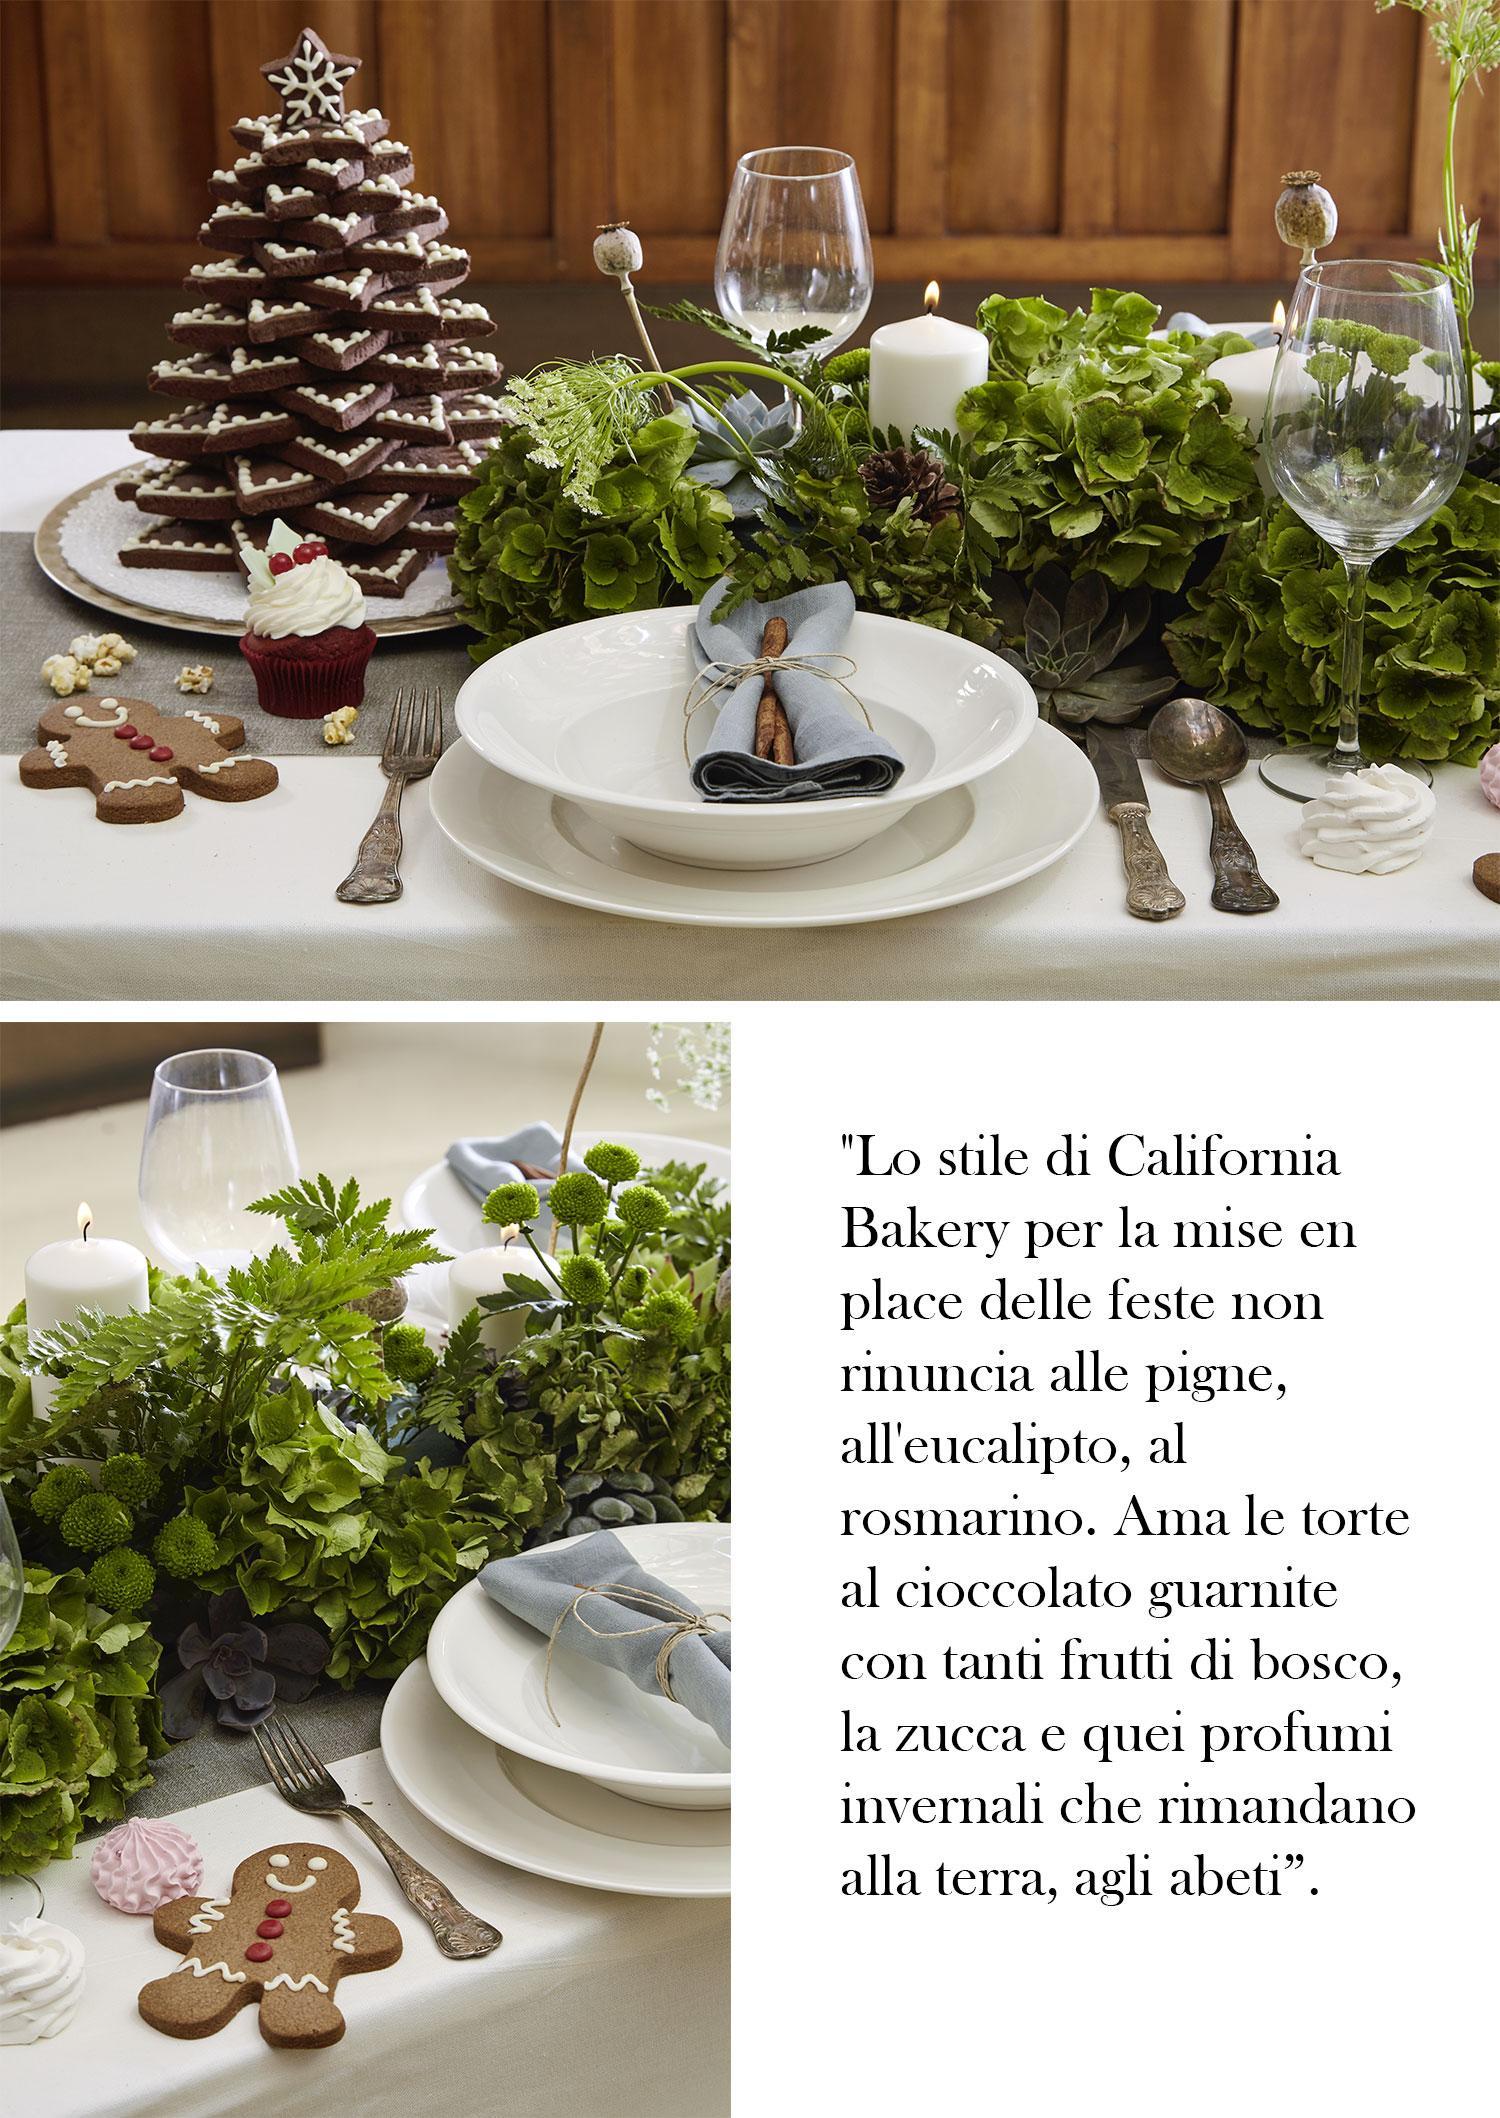 California Bakery, Dolci, Ricette, Milano, Natale, Torte